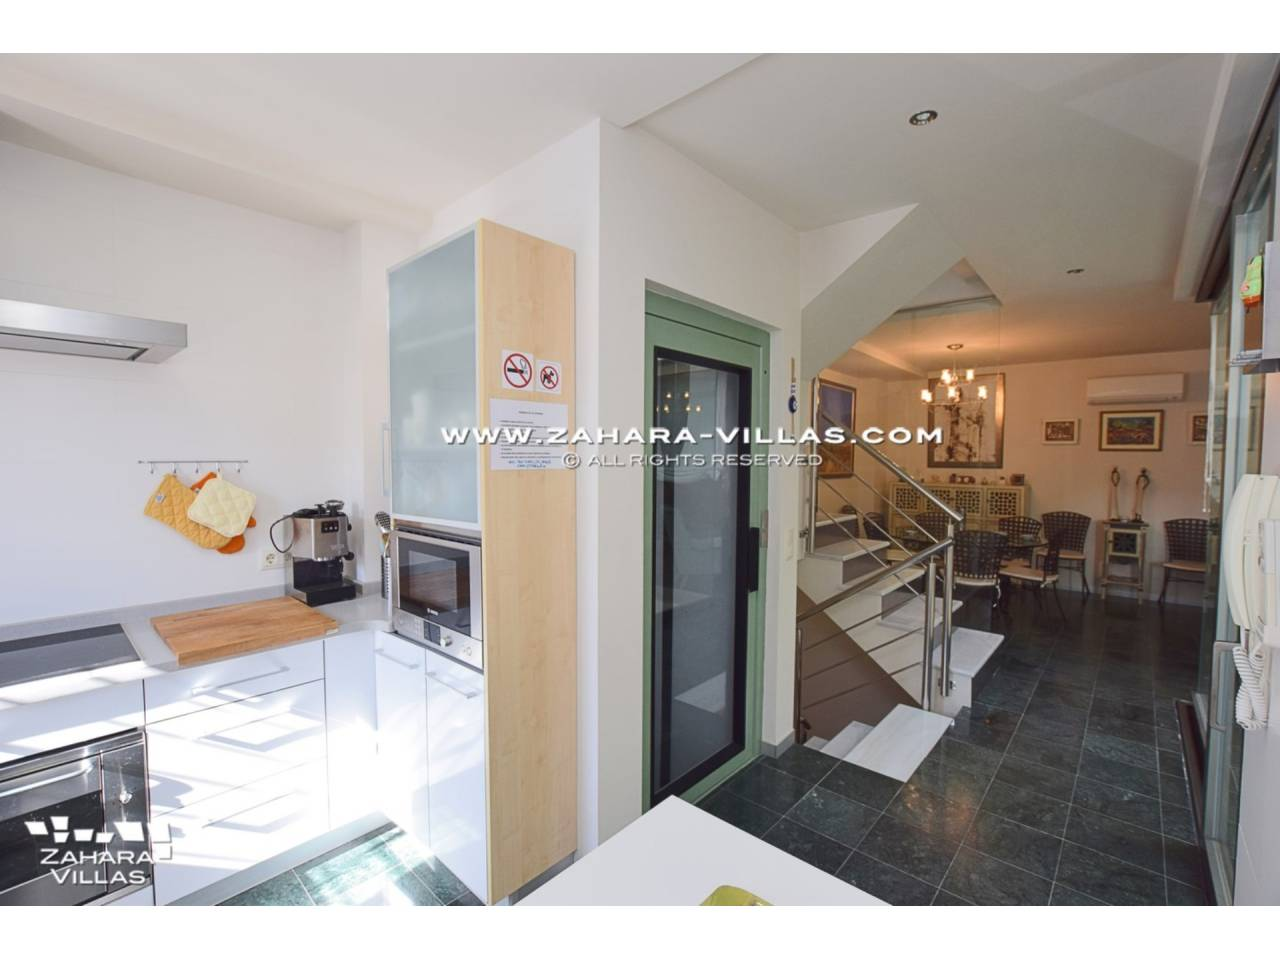 Imagen 28 de House for sale in Zahara de los Atunes